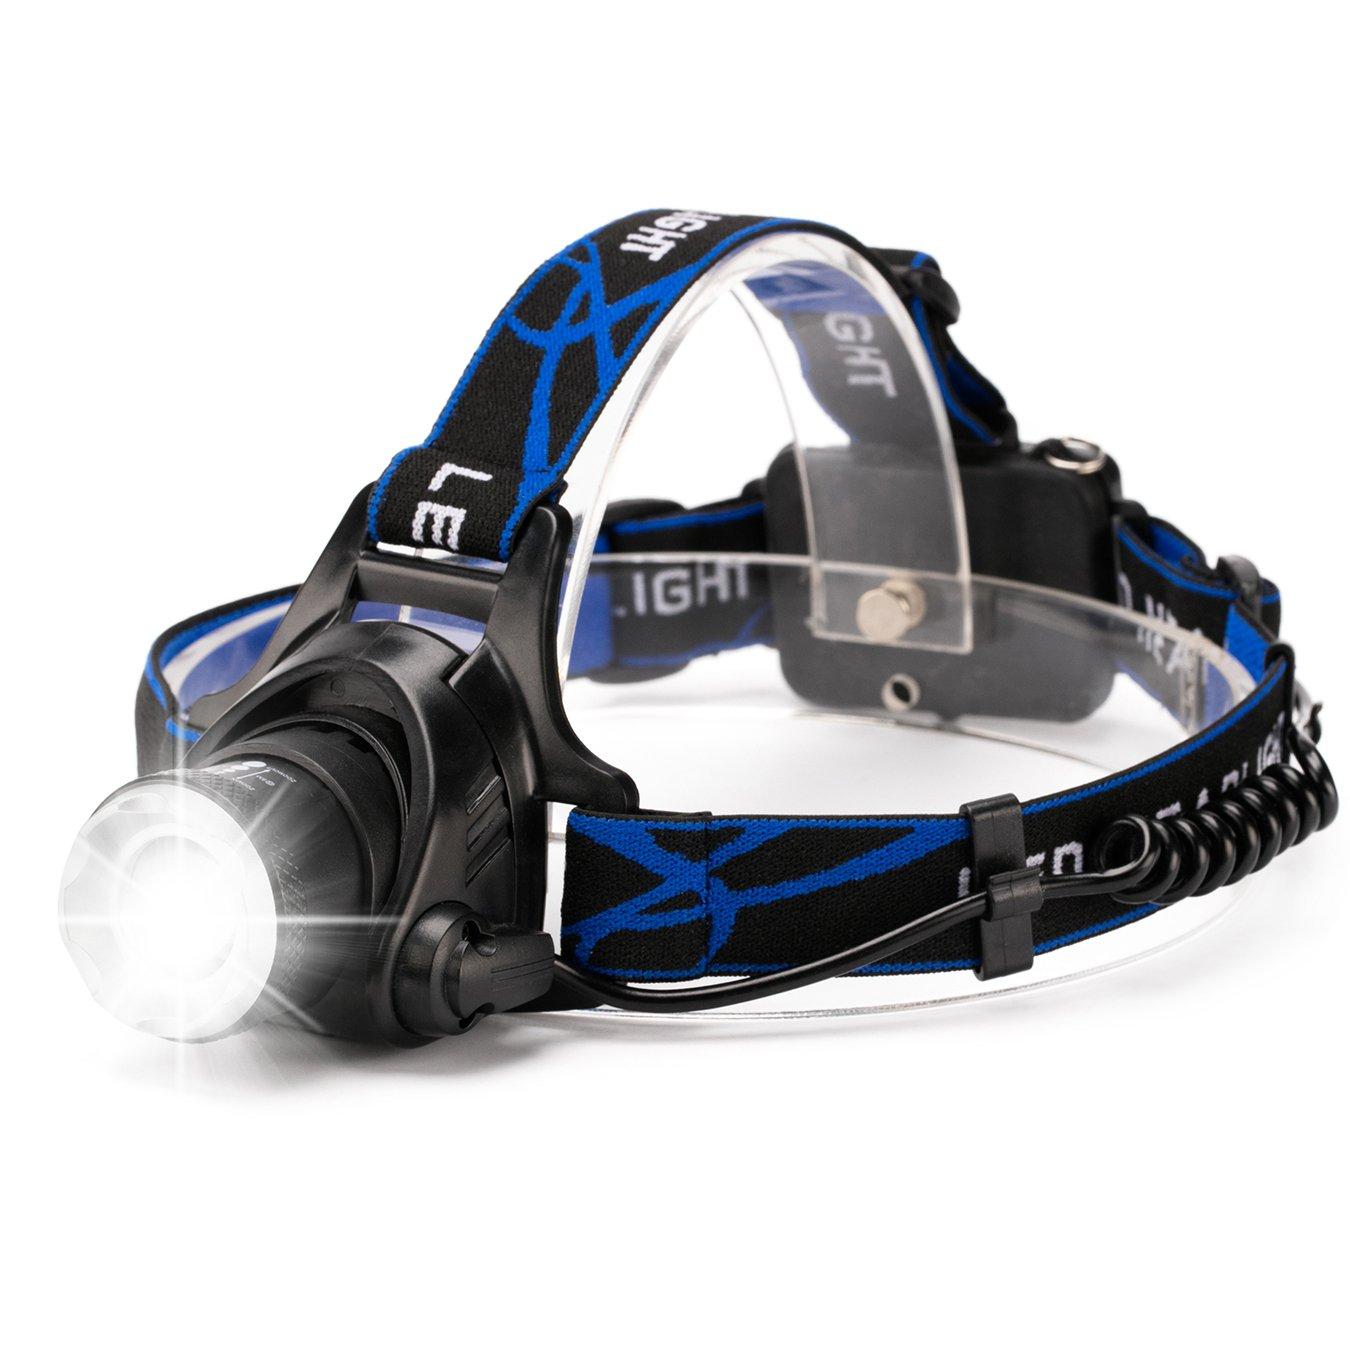 Zoombaren Scheinwerfer Kopflampe, hfan 1800 Lumen Freisprecheinrichtung Flutlicht Spot Licht fü r Camping Running Lesen, Kopf Lampe mit 3 Leuchtmodi